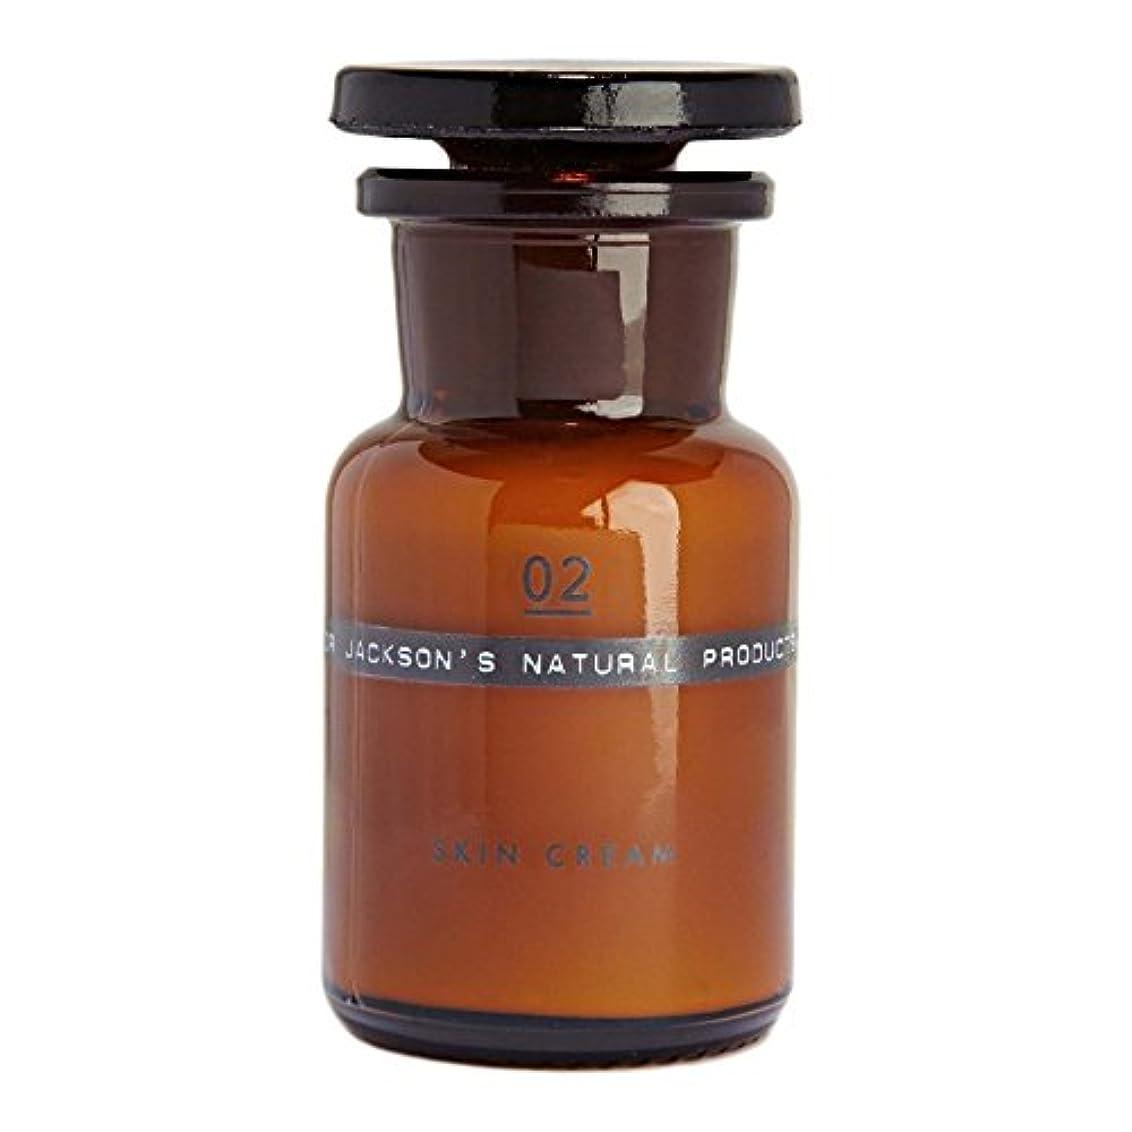 横経験者不良ジャクソンの02スキンクリーム50ミリリットル x4 - Dr Jackson's 02 Skin Cream 50ml (Pack of 4) [並行輸入品]